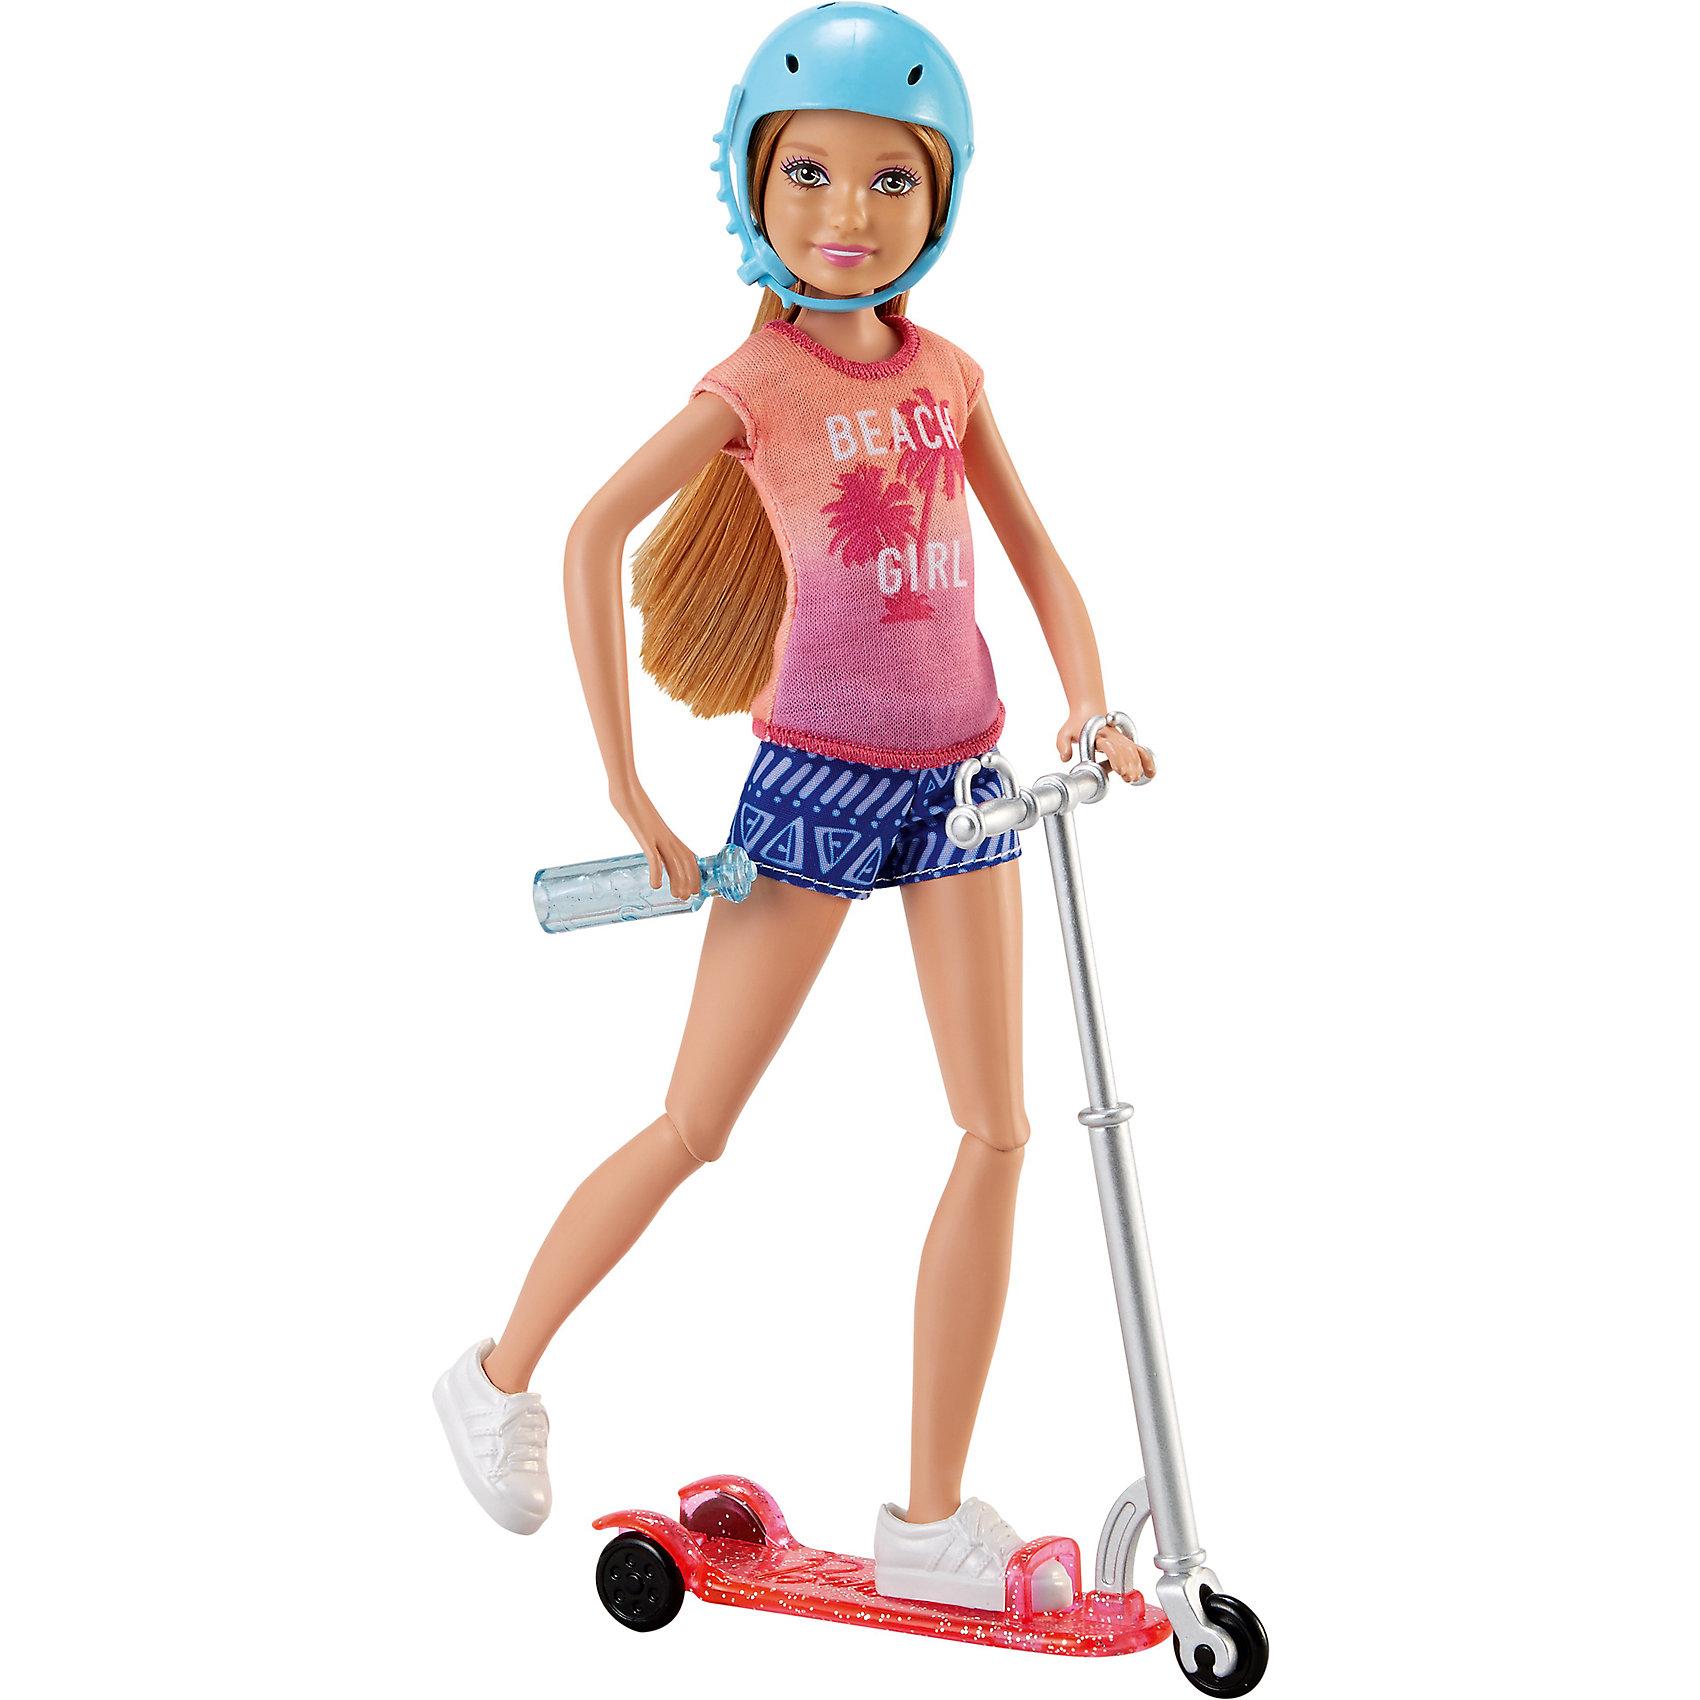 Кукла на самокате, BarbieBarbie<br>Кукла на самокате, Barbie.<br><br>Характеристики:<br><br>• возраст: от 3 лет<br>• комплект: кукла, самокат, голубой шлем, бутылочка с водой.<br>• состав: пластик, текстиль.<br>• размер упаковки: 7 x 33 x 17 см.<br>• упаковка: картонная коробка блистерного типа.<br>• страна обладатель бренда: США.<br><br>Отправляйся навстречу приключениям с куклой Стейси и ее самокатом! У него розовый корпус и серебристый руль. Положи руки куклы Стейси на руль, поставь ногу на самокат и вперед! Гибкие колени Стейси и крутящиеся колеса самоката добавляют реалистичности действиям и позволяют Стуйси показать всем свои спортивные движения. Кукла Стейси одета в яркую ретро-футболку, шорты с узорами и белые кроссовки. И не забудь ее голубой шлем и бутылочку с водой! У бутылочки есть специальная застежка, чтобы Стейси могла попить, когда захочет.<br><br>Куклу на самокате, Barbie можно купить в нашем интернет-магазине.<br><br>Ширина мм: 165<br>Глубина мм: 65<br>Высота мм: 325<br>Вес г: 464<br>Возраст от месяцев: 36<br>Возраст до месяцев: 120<br>Пол: Женский<br>Возраст: Детский<br>SKU: 5378157